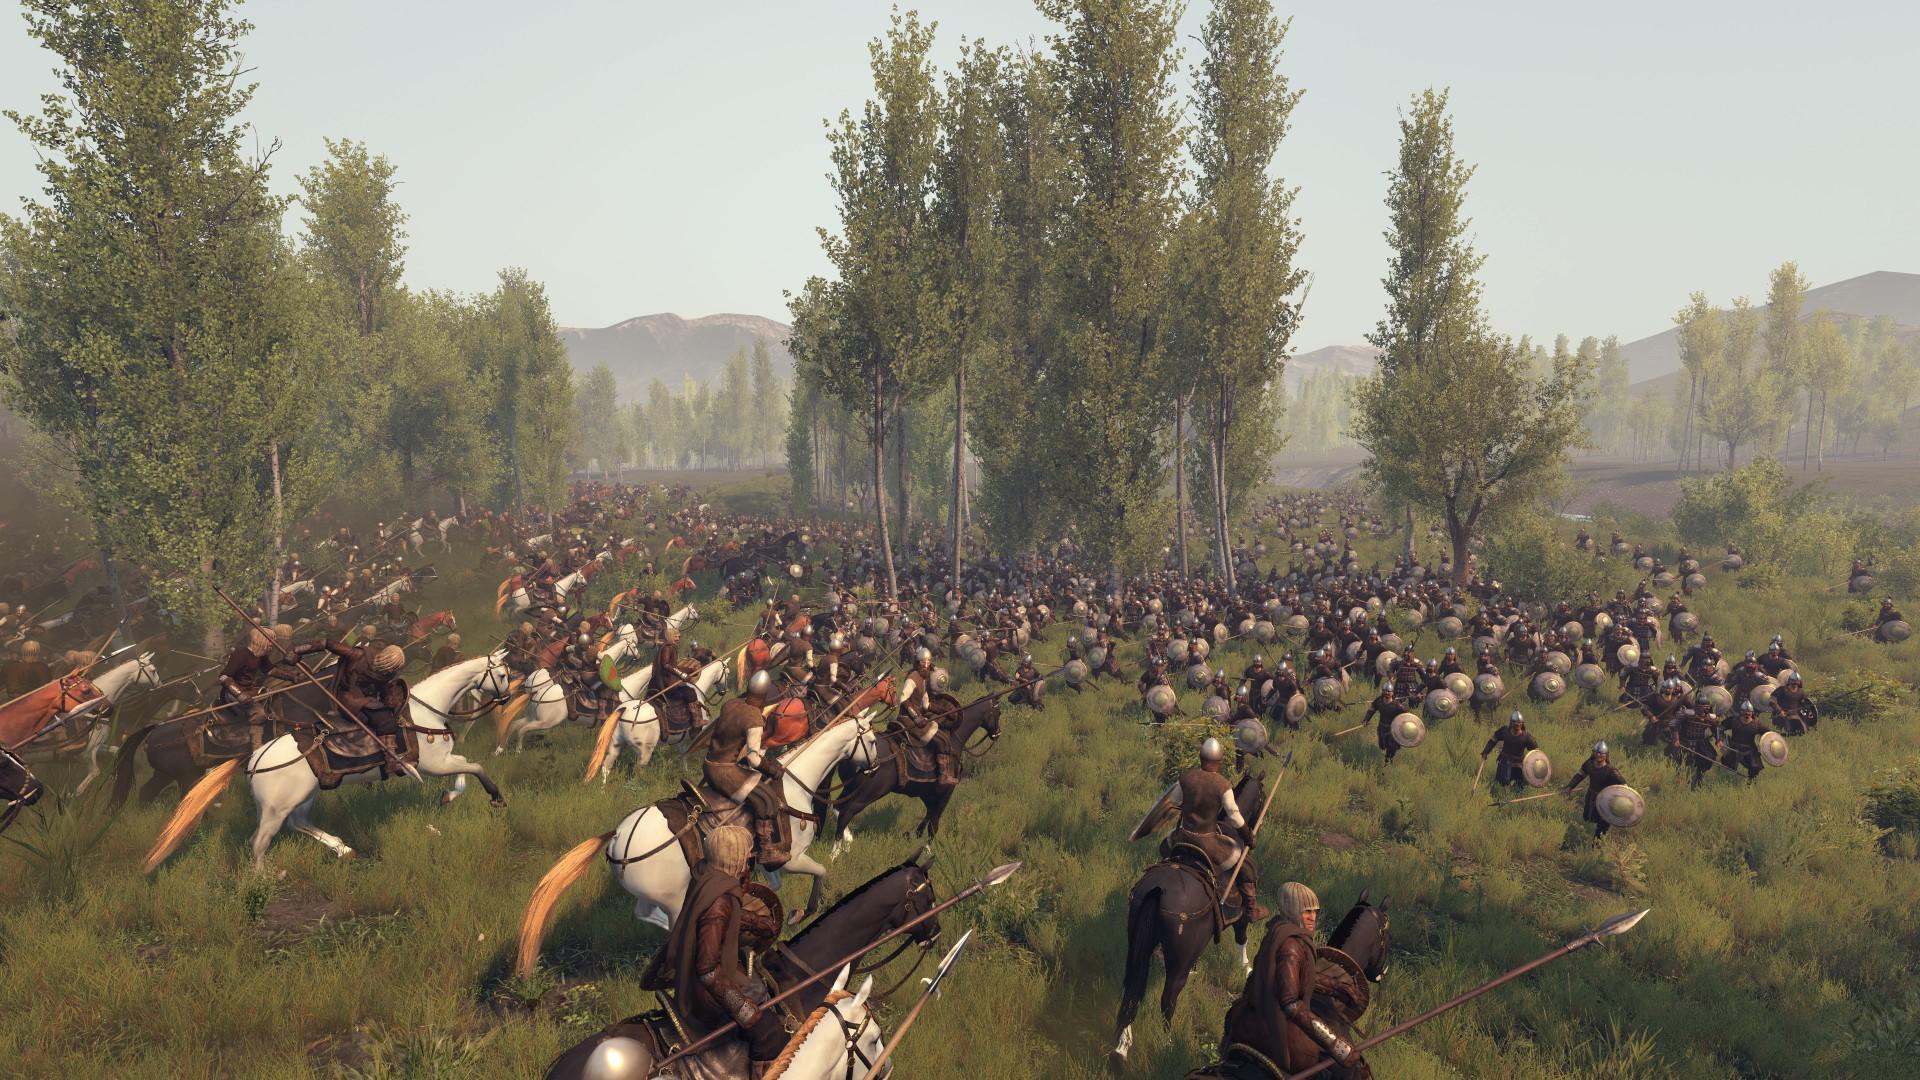 《骑马与砍杀2:领主》v1.0.4版 | 官方简体中文 | 赠多项修改器